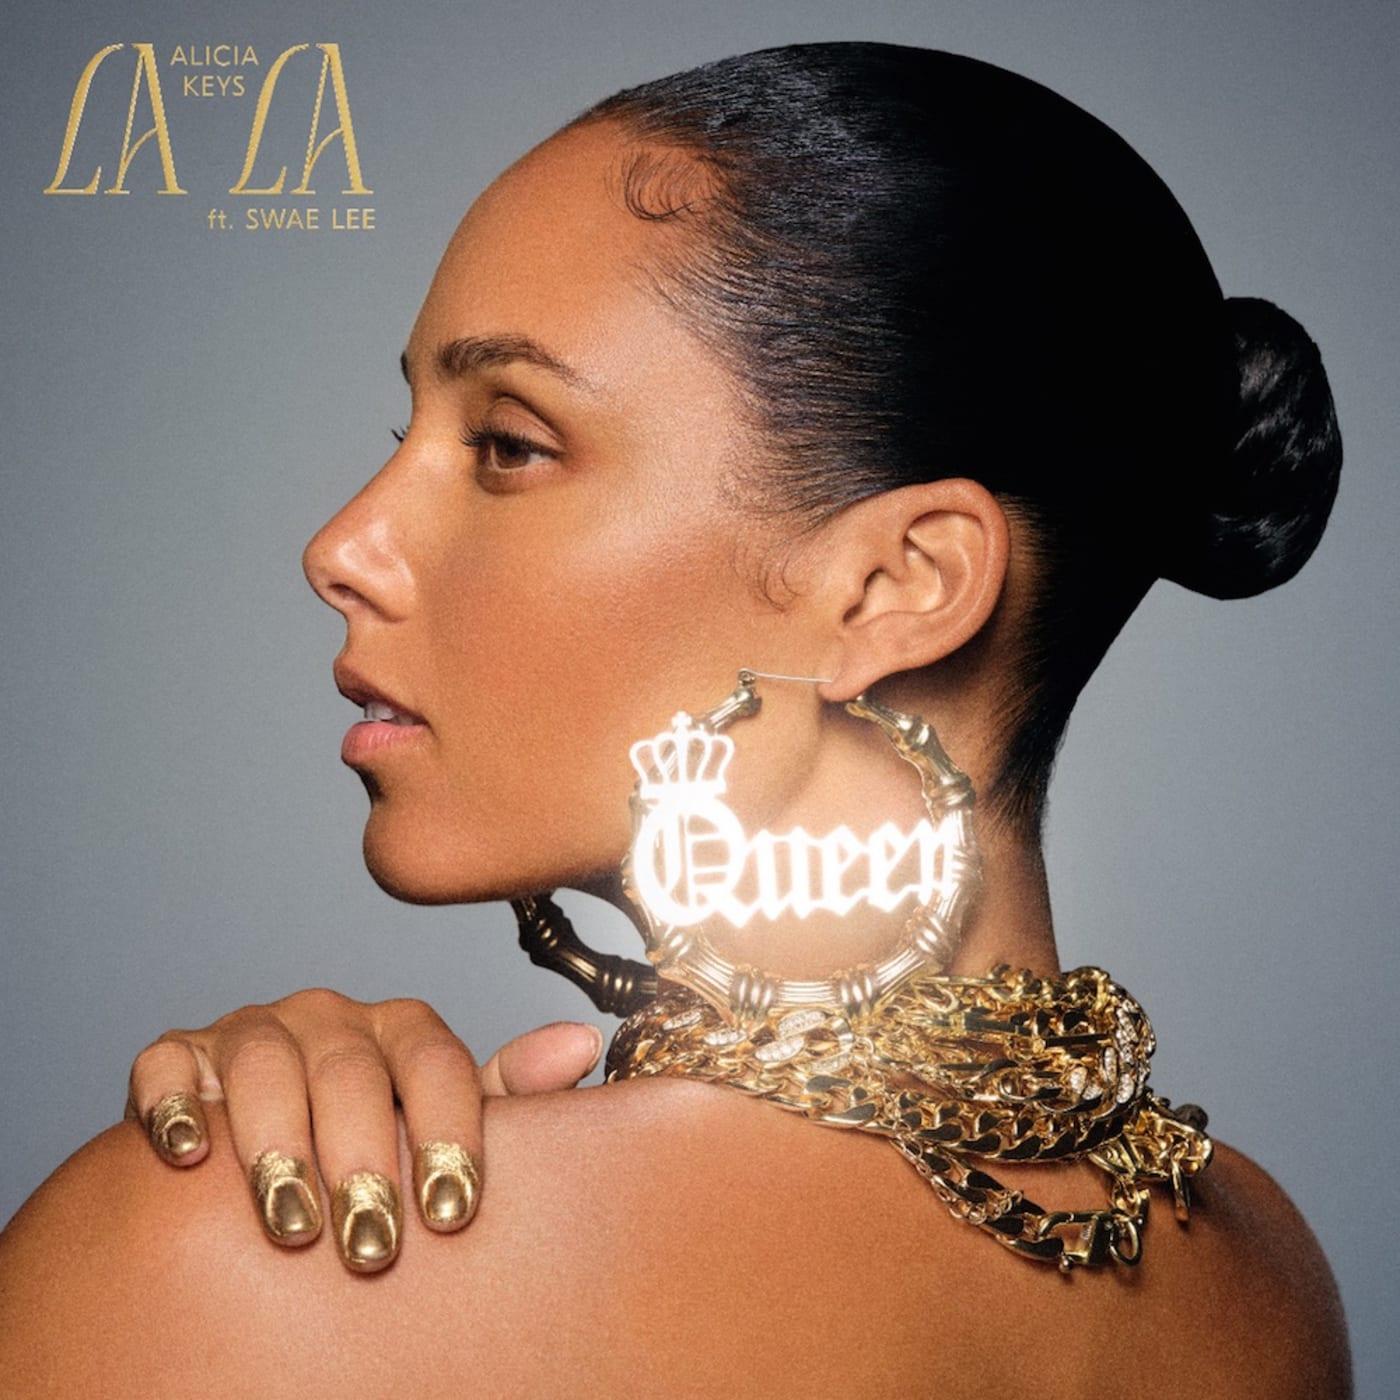 """""""La La"""" Alicia Keys ft. Swae Lee"""